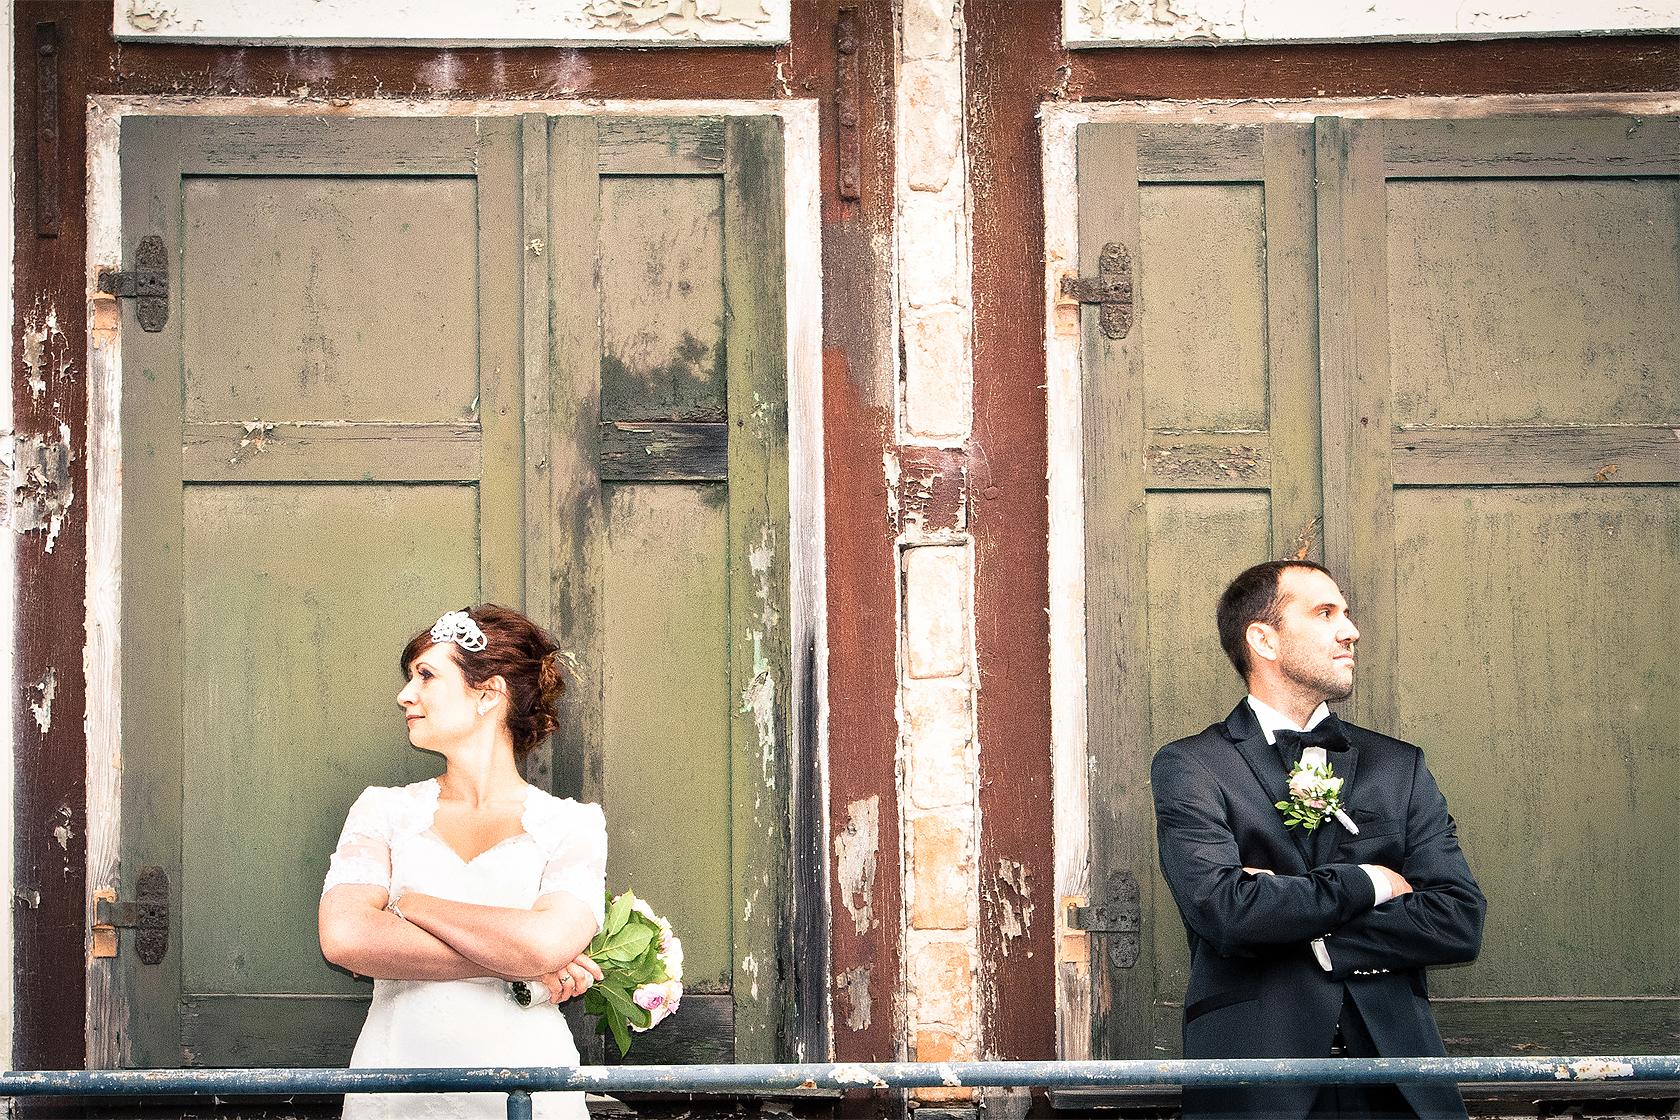 Verena_Meier_Fotografie_Hochzeitsportraits_MG_4154